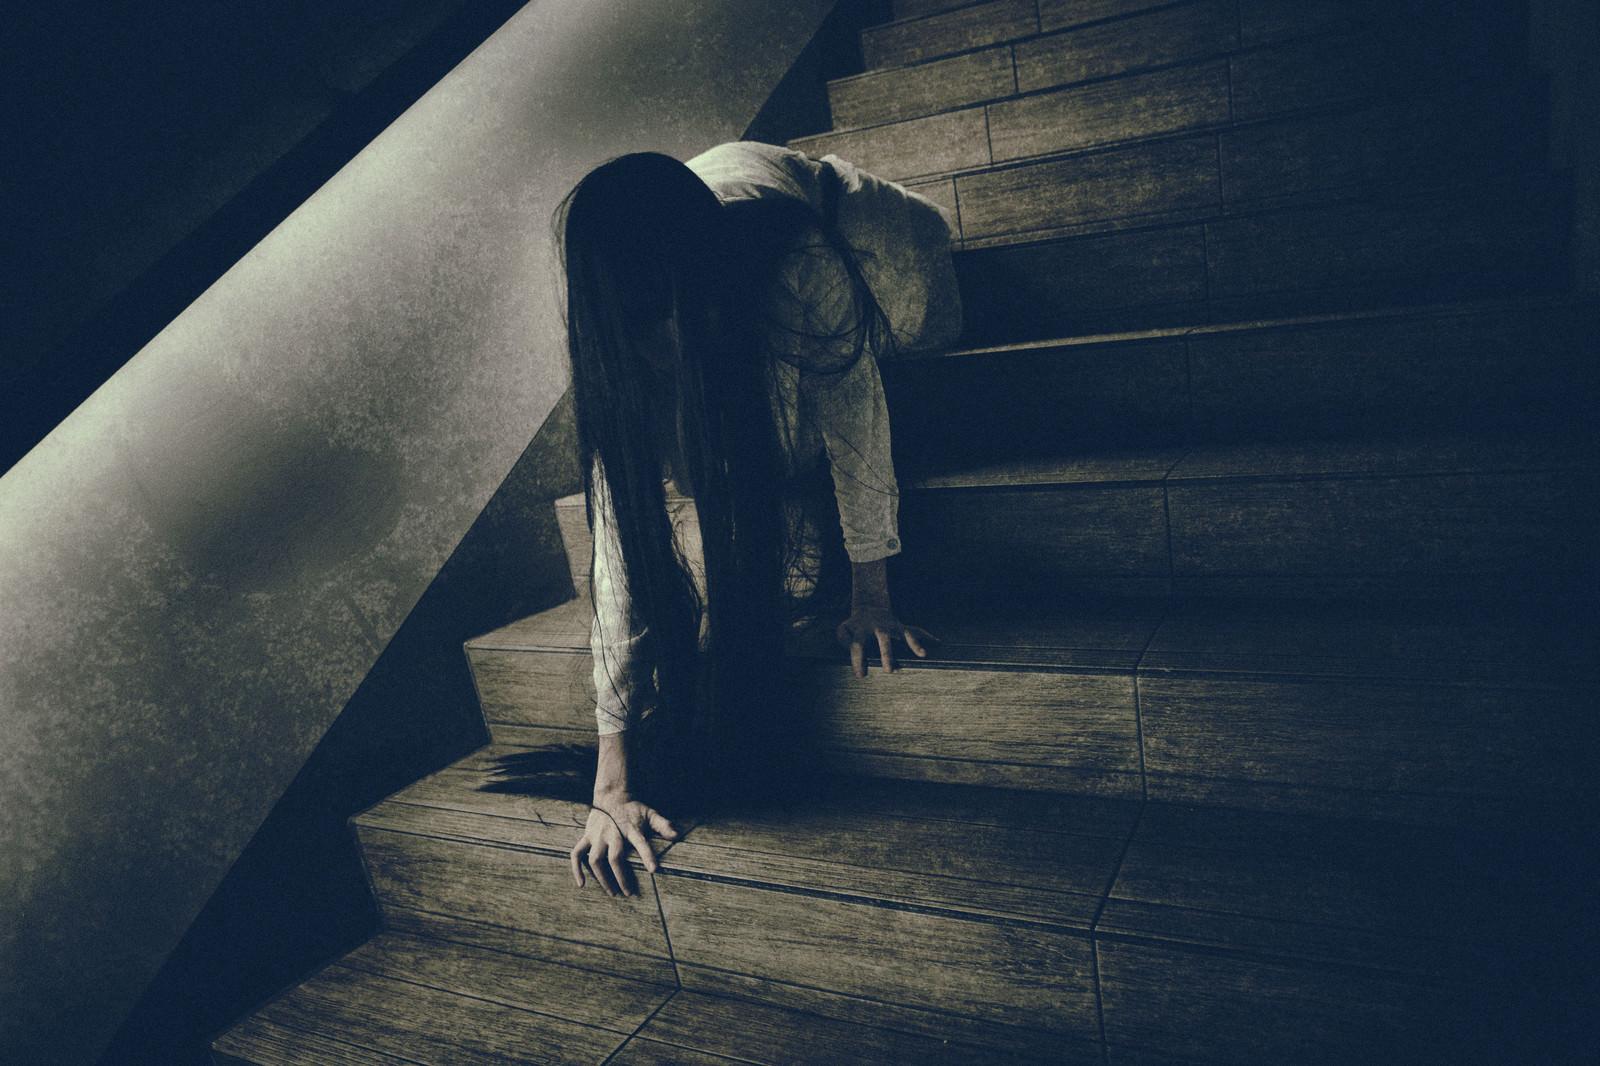 「階段に座った状態からゆっくりと首を擡げようとする女性 | 写真の無料素材・フリー素材 - ぱくたそ」の写真[モデル:緋真煉]